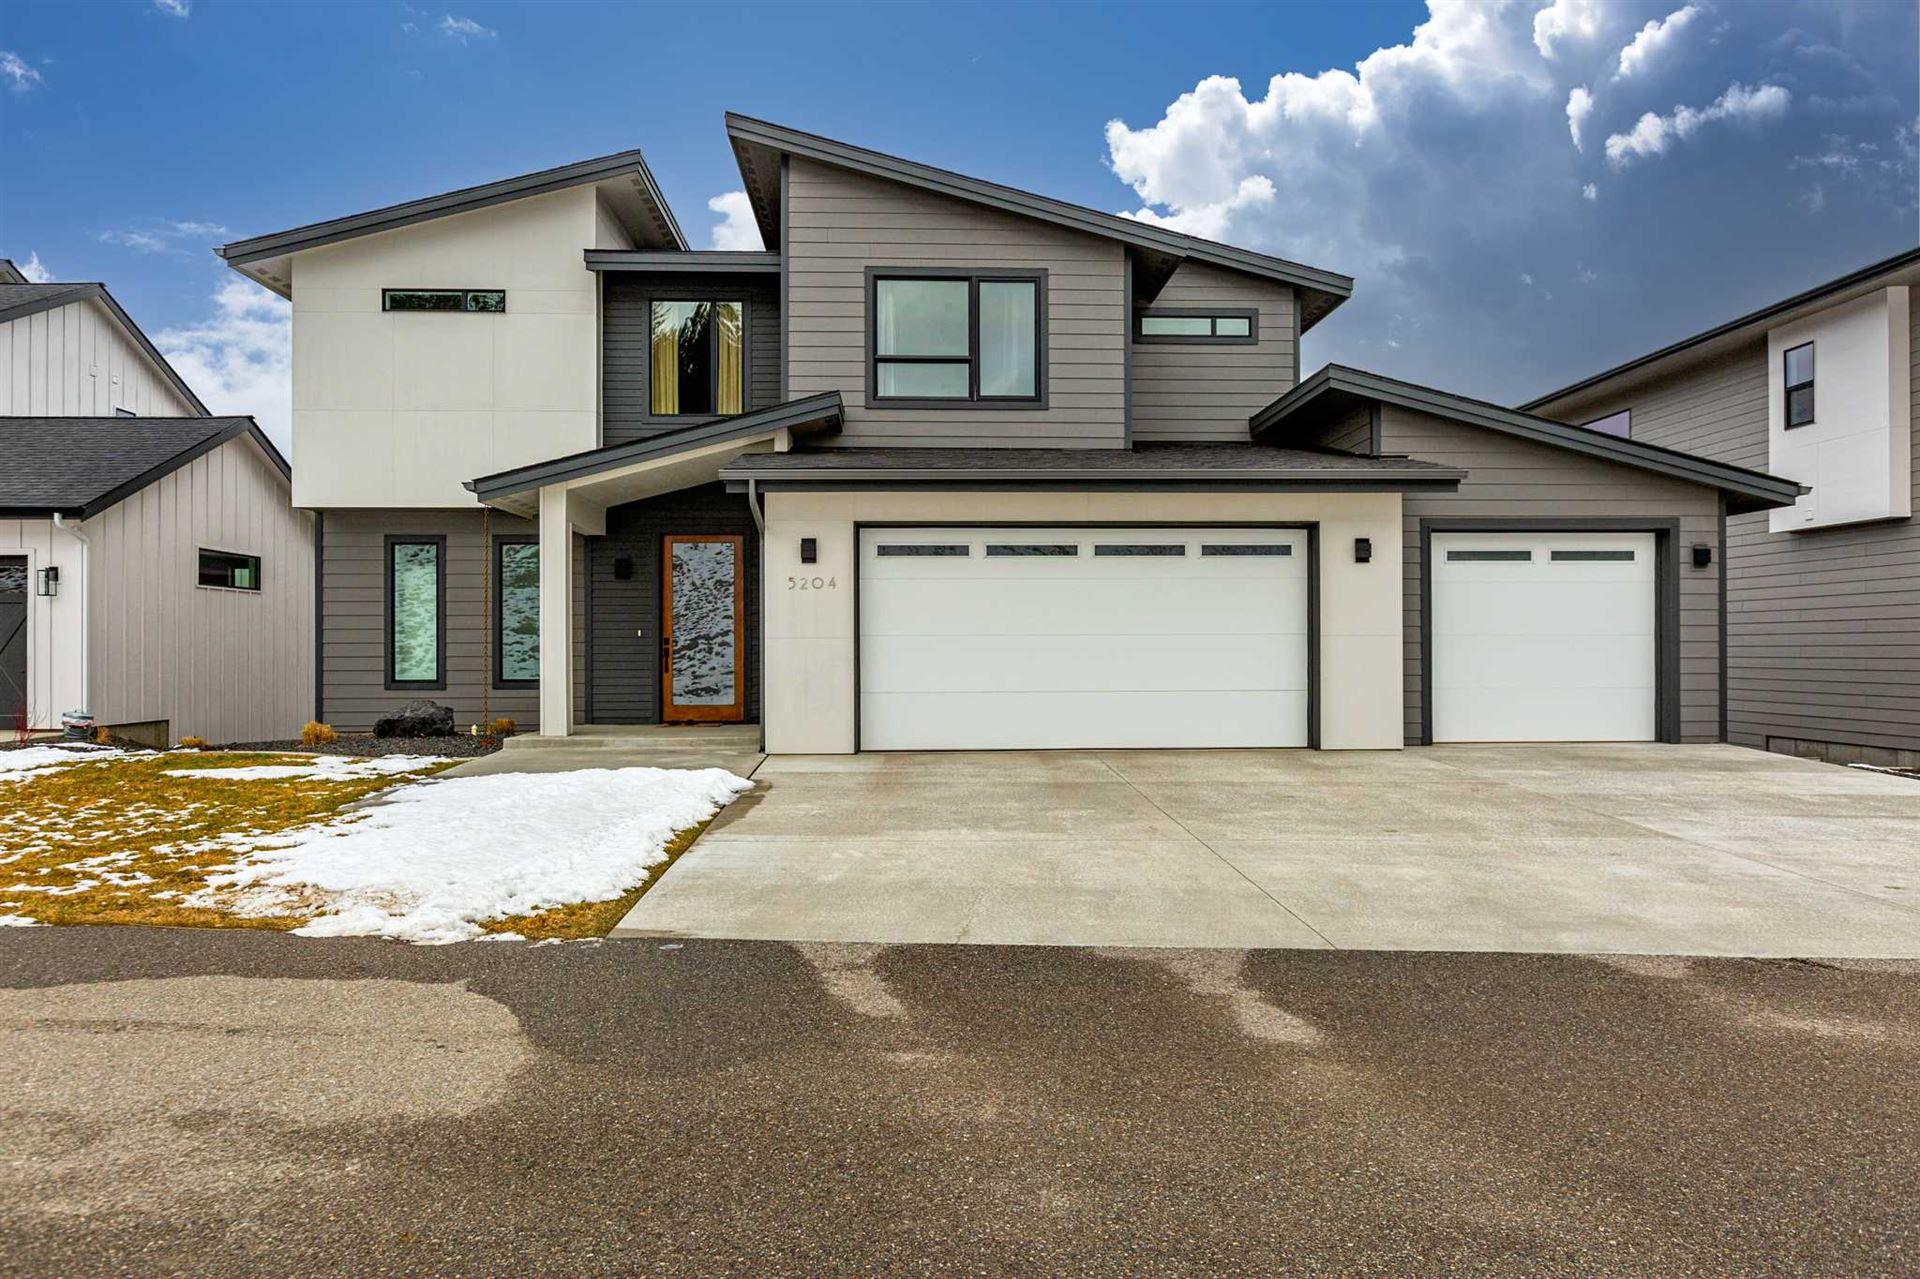 5204 S Jordan Ln, Spokane, WA 99224 - #: 202111846